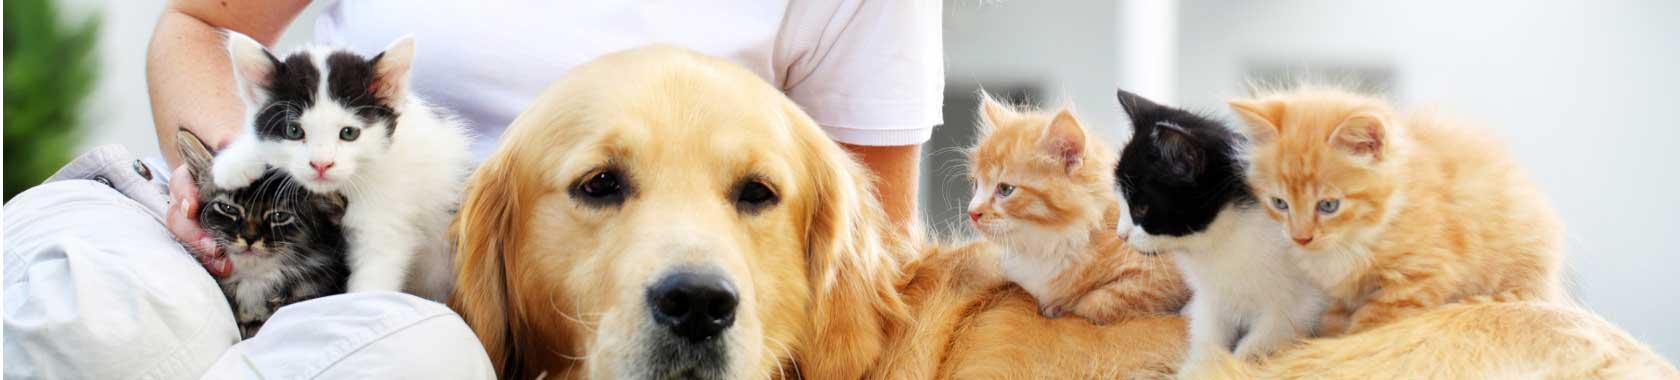 pet-food-general-dog-cats